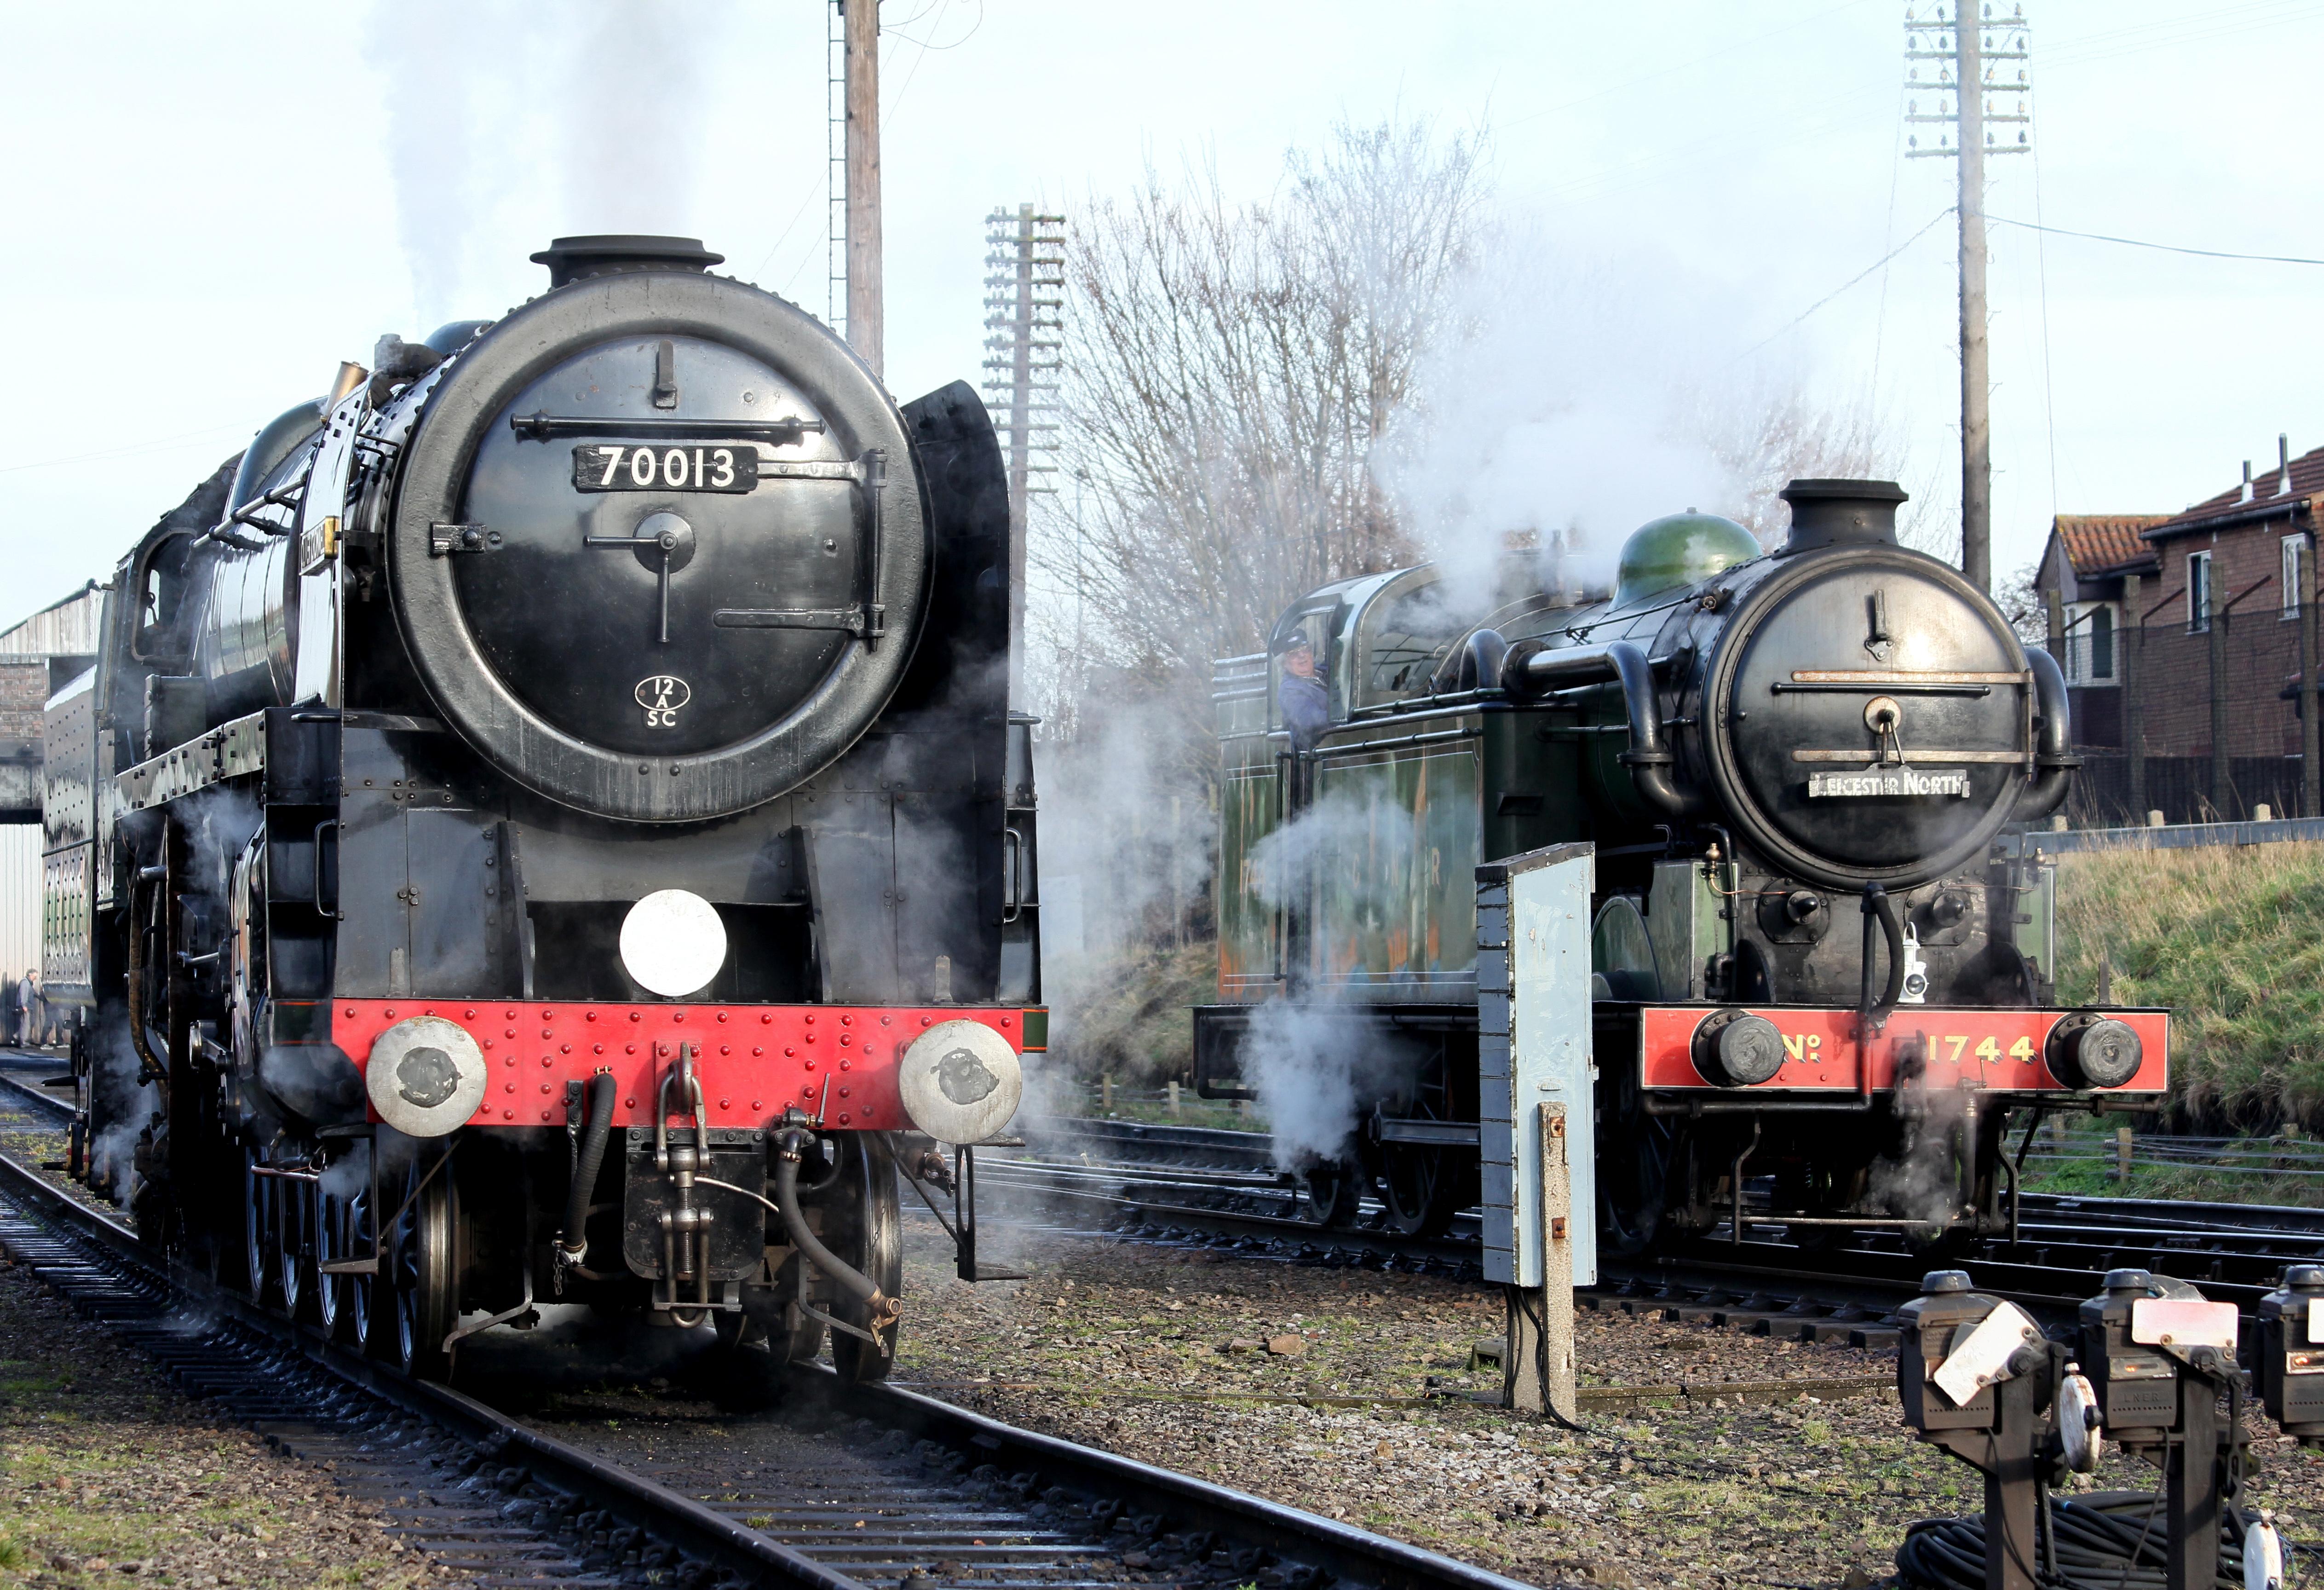 File:No.70013 Oliver Cromwell Britannia Class 7MT & no.1744 (BR